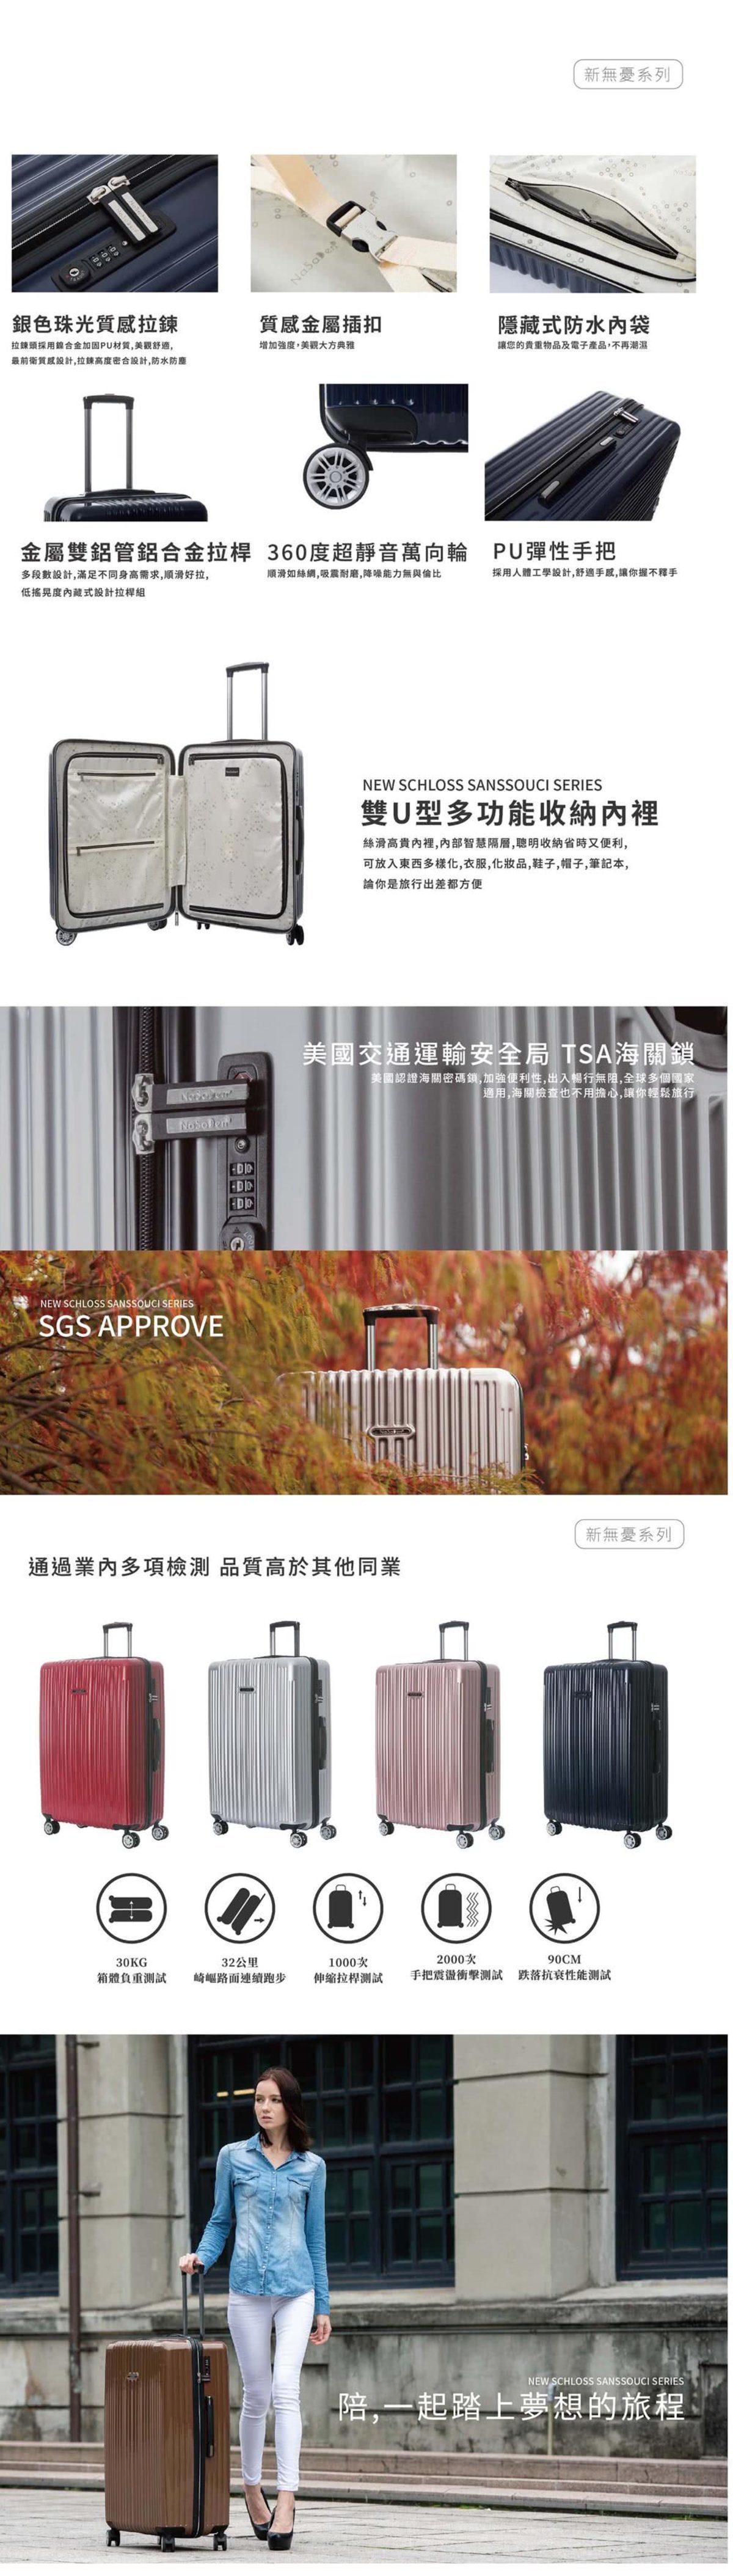 【22吋】德國NaSaDen納莎登新無憂系列輕量拉鍊行李箱